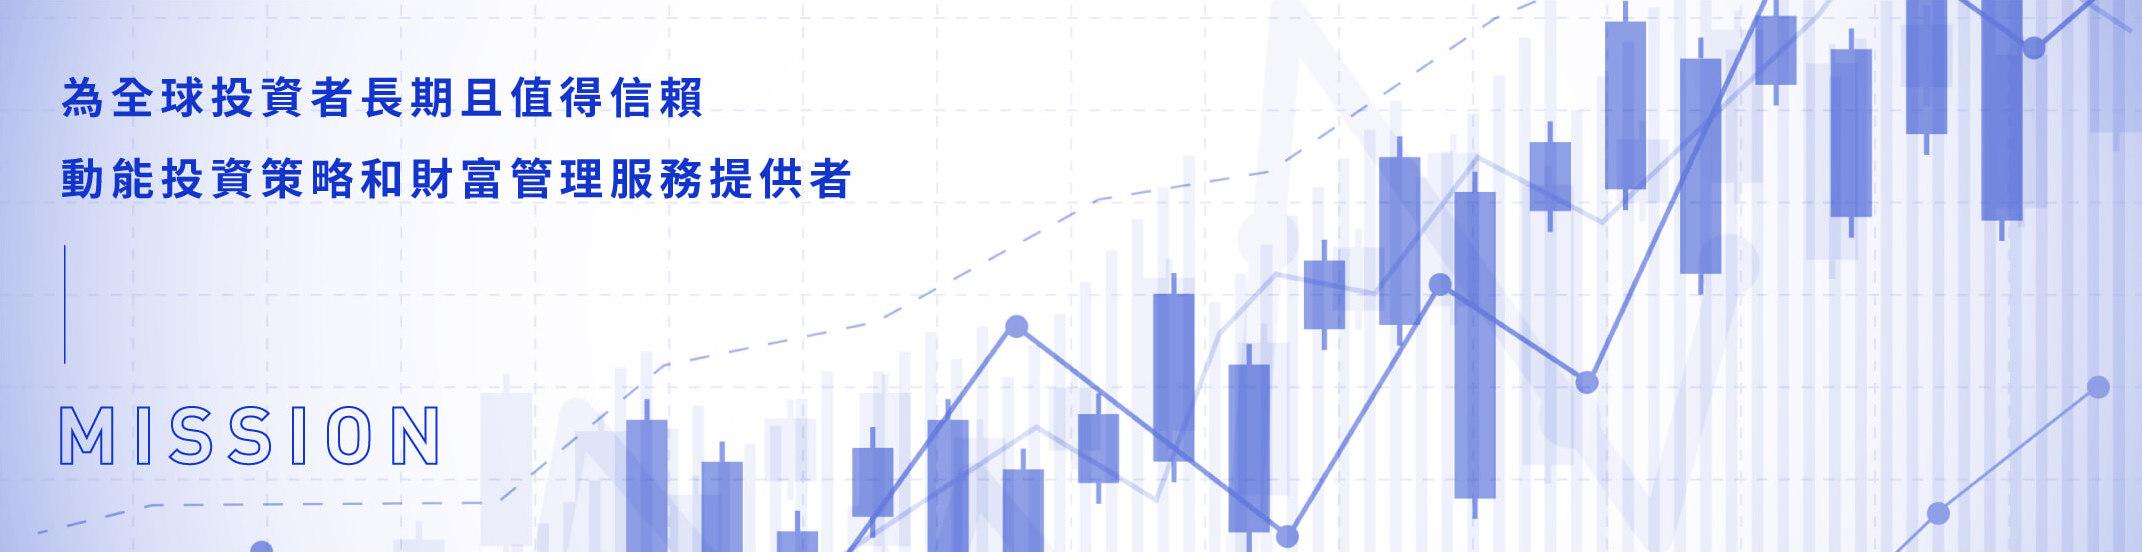 使命 - 為全球投資者長期且值得信賴,價格圖形比對和財富管理服務提供者